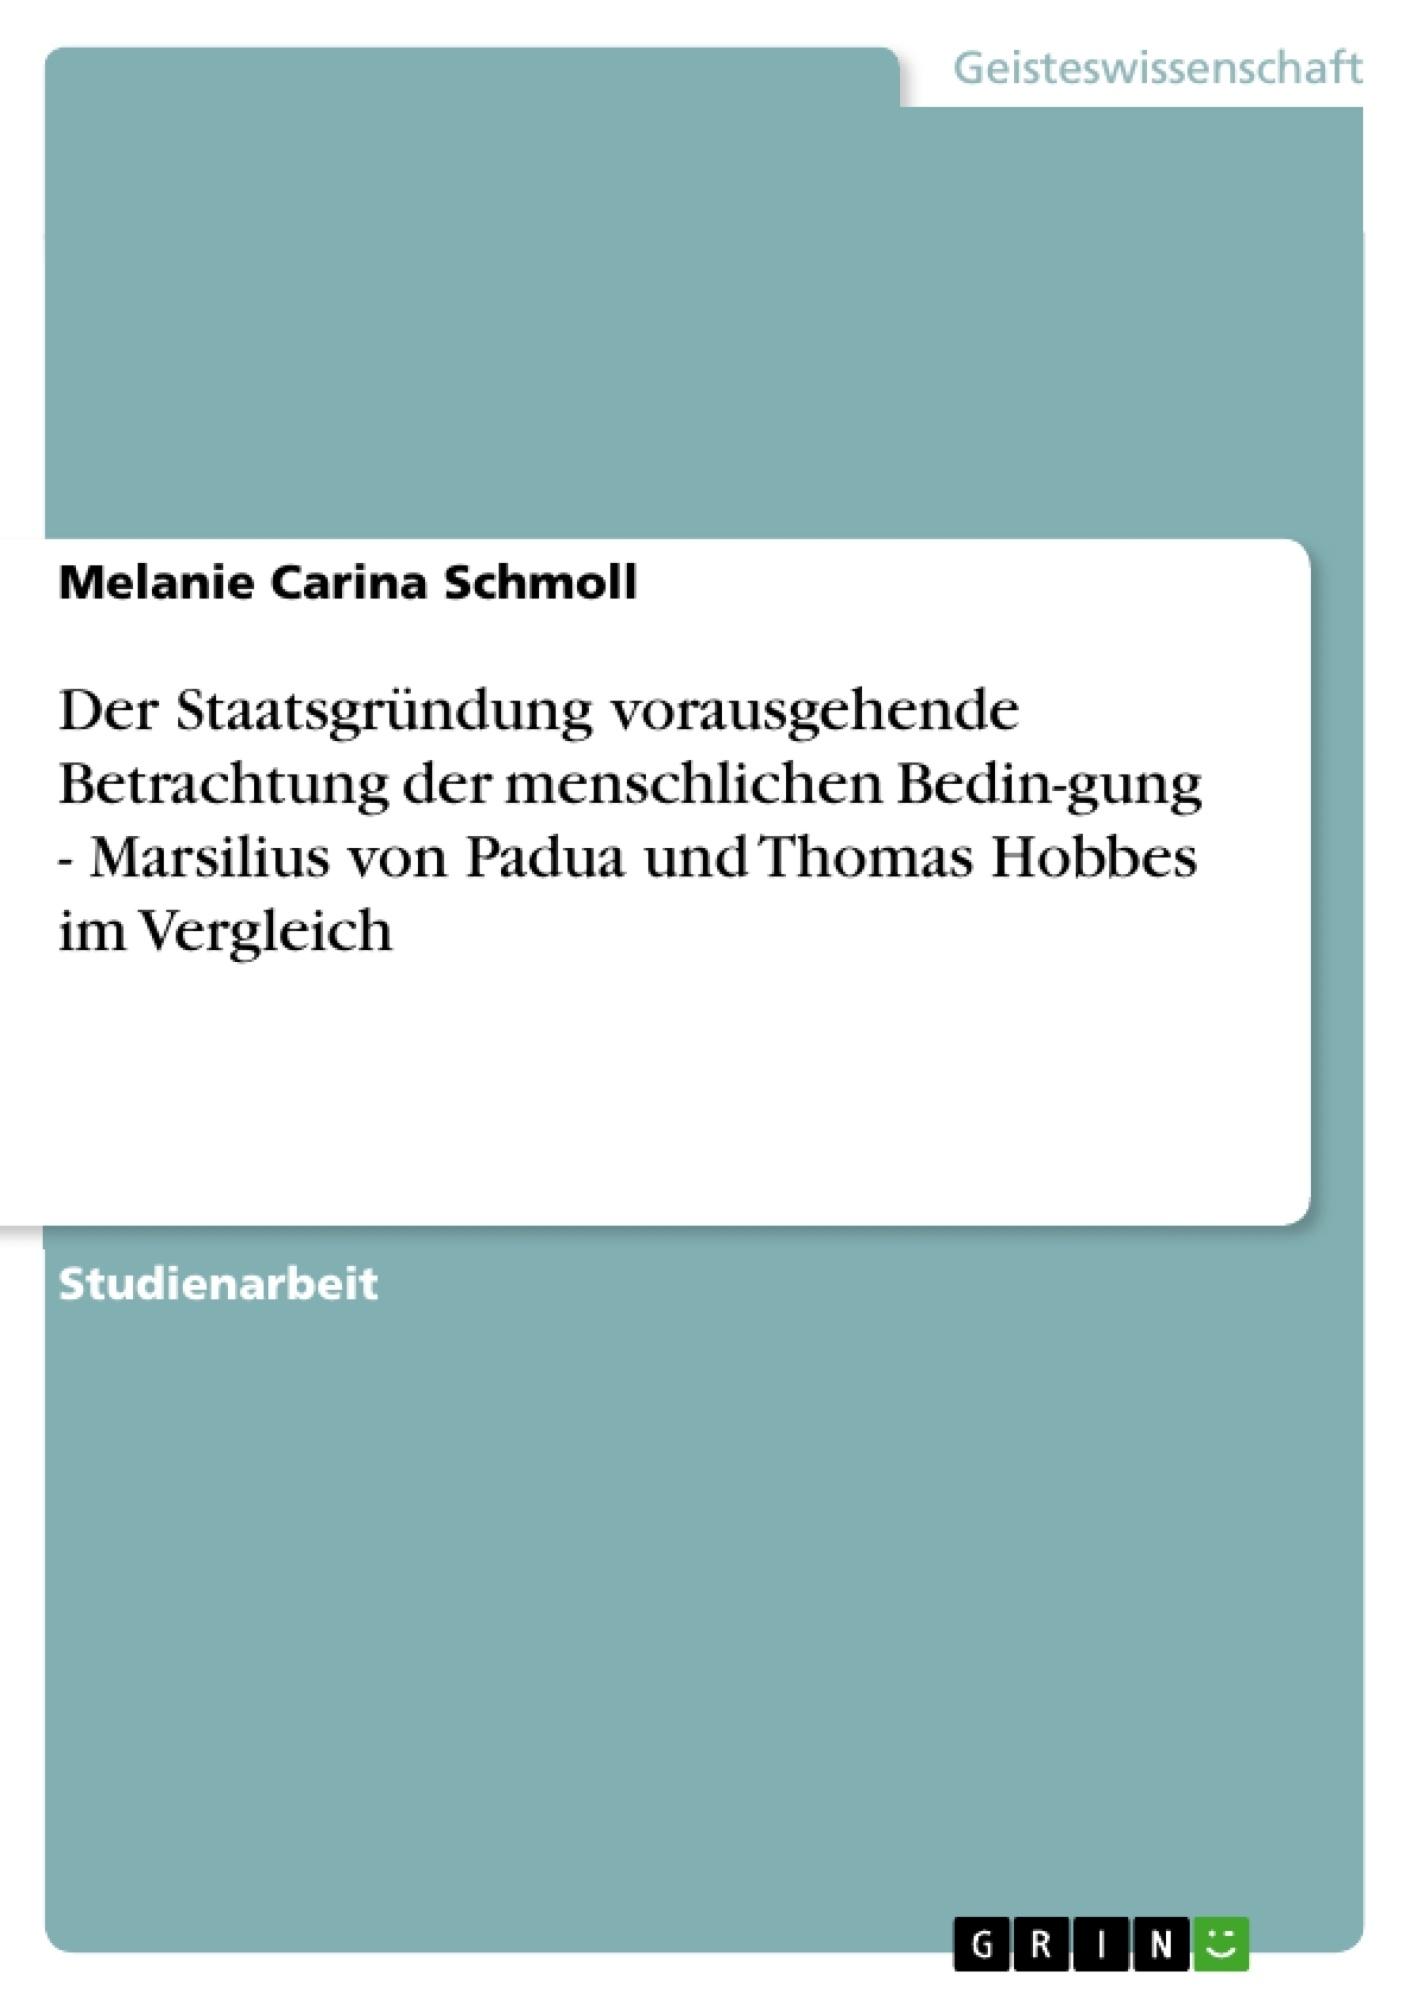 Titel: Der Staatsgründung vorausgehende Betrachtung der menschlichen Bedin-gung  - Marsilius von Padua und Thomas Hobbes im Vergleich